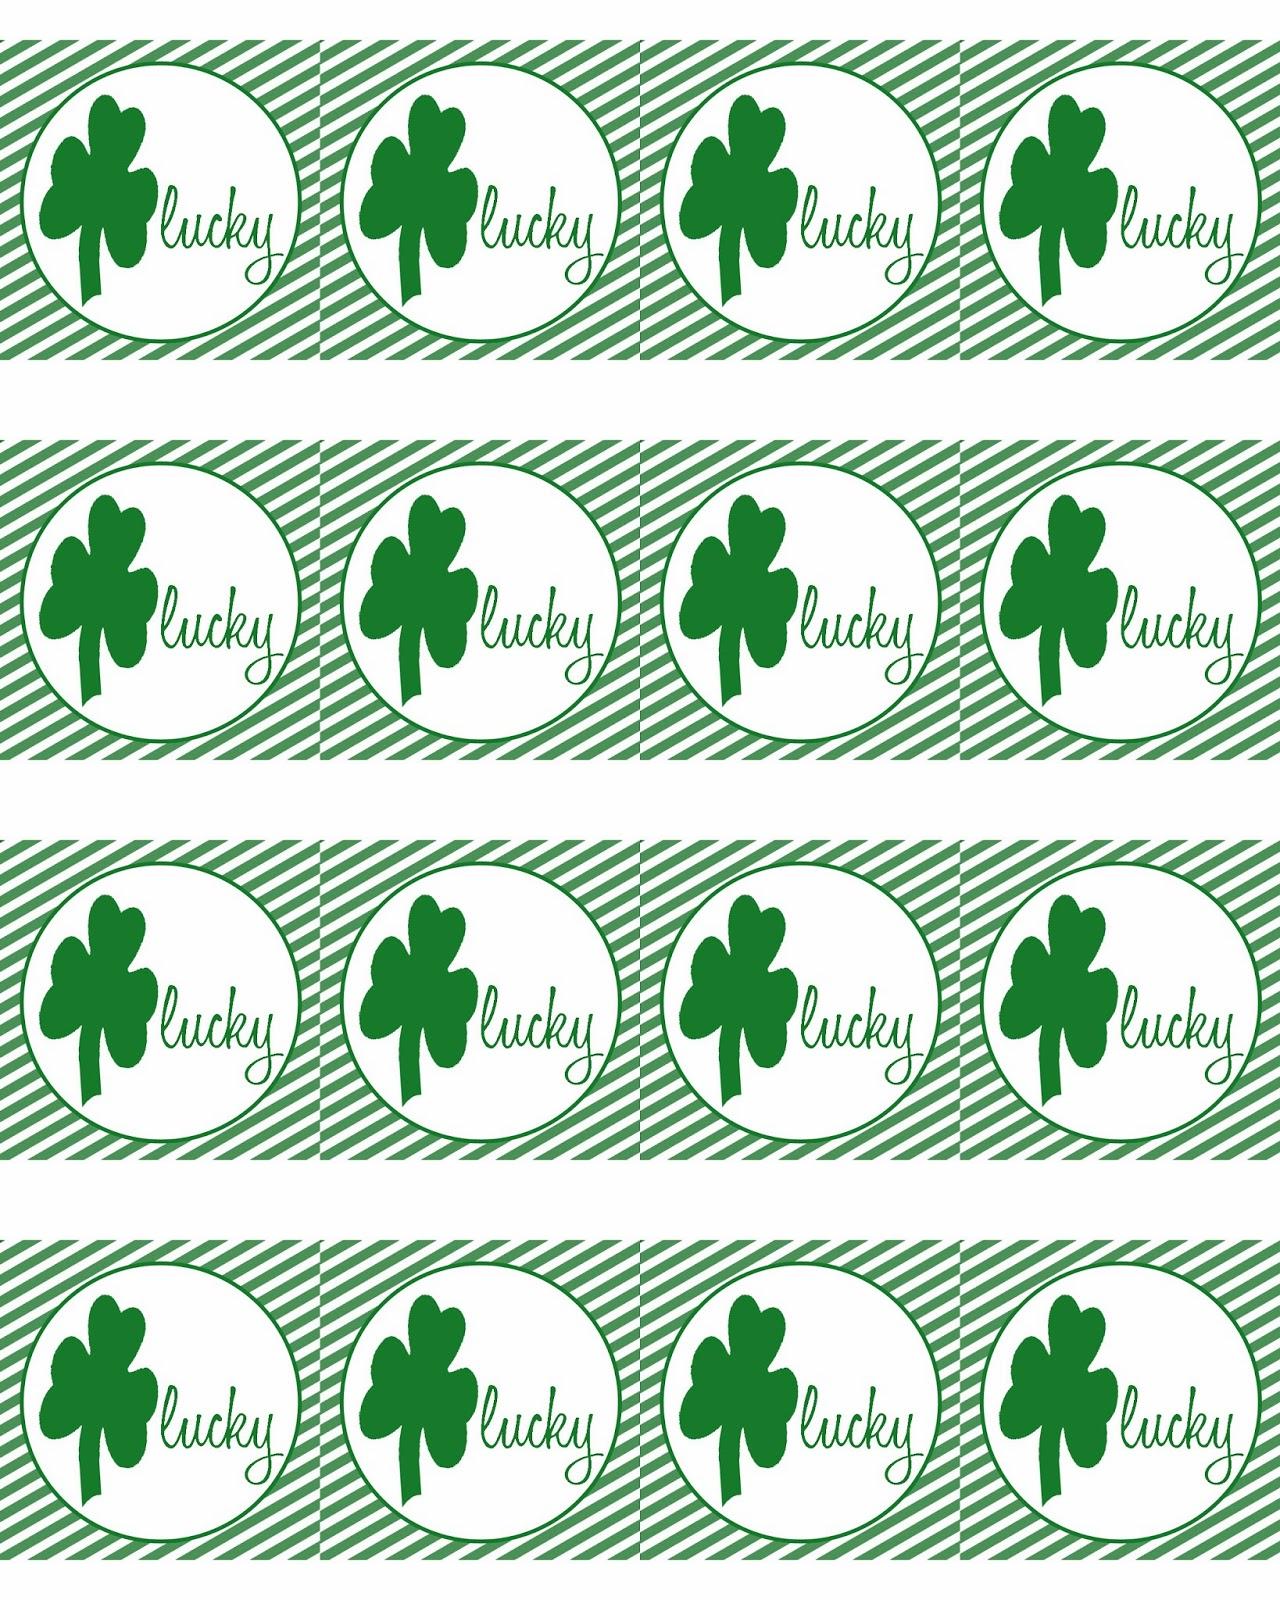 http://2.bp.blogspot.com/-gGAjuThW28U/UwZqO_AmH_I/AAAAAAAABU4/rlKElvEjA7U/s1600/Lucky+Tags.jpg